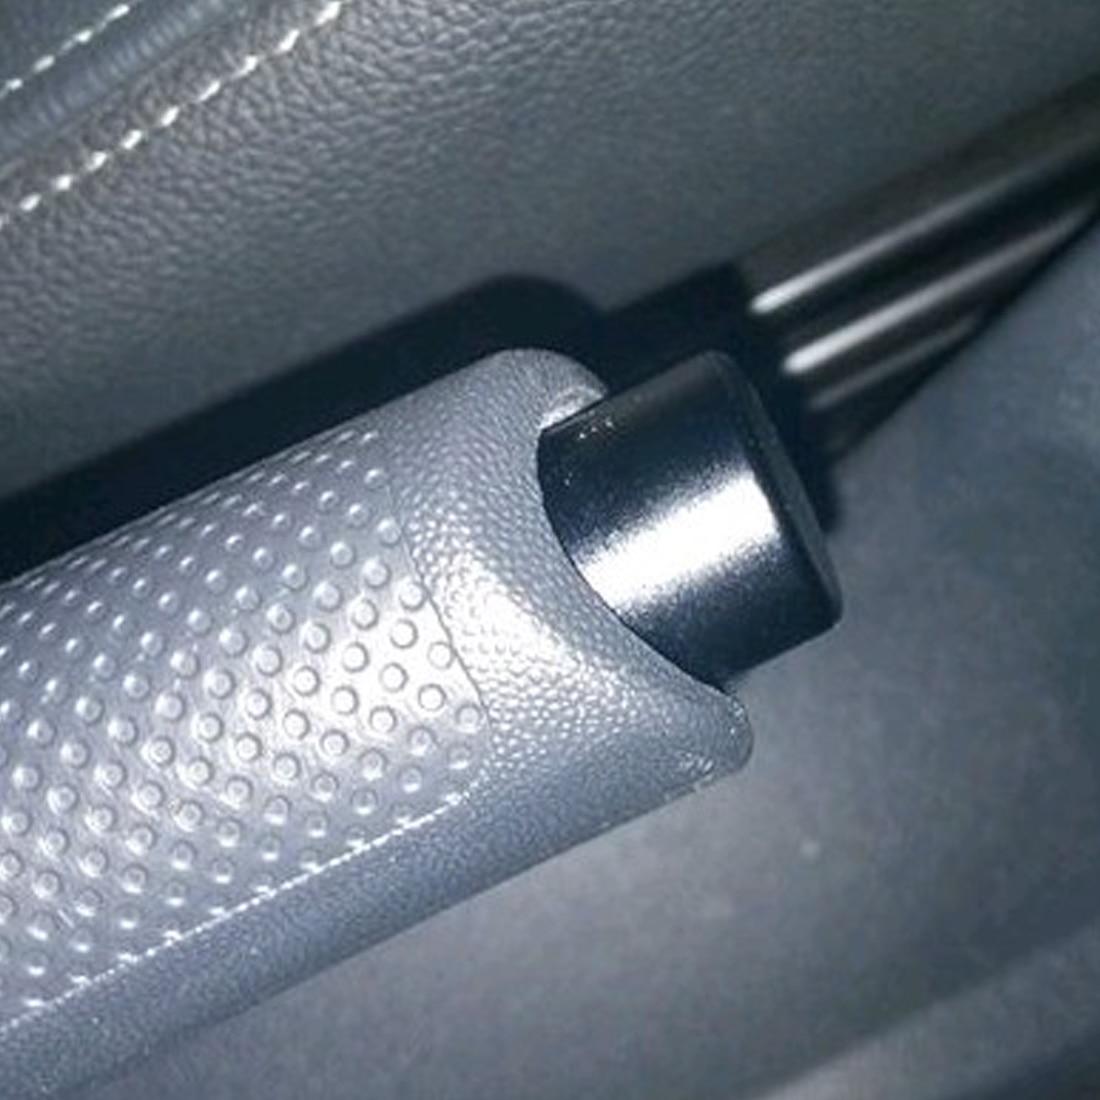 For Mercedes Benz Smart Fortwo Hand Brake Handbrake Aluminum Alloy